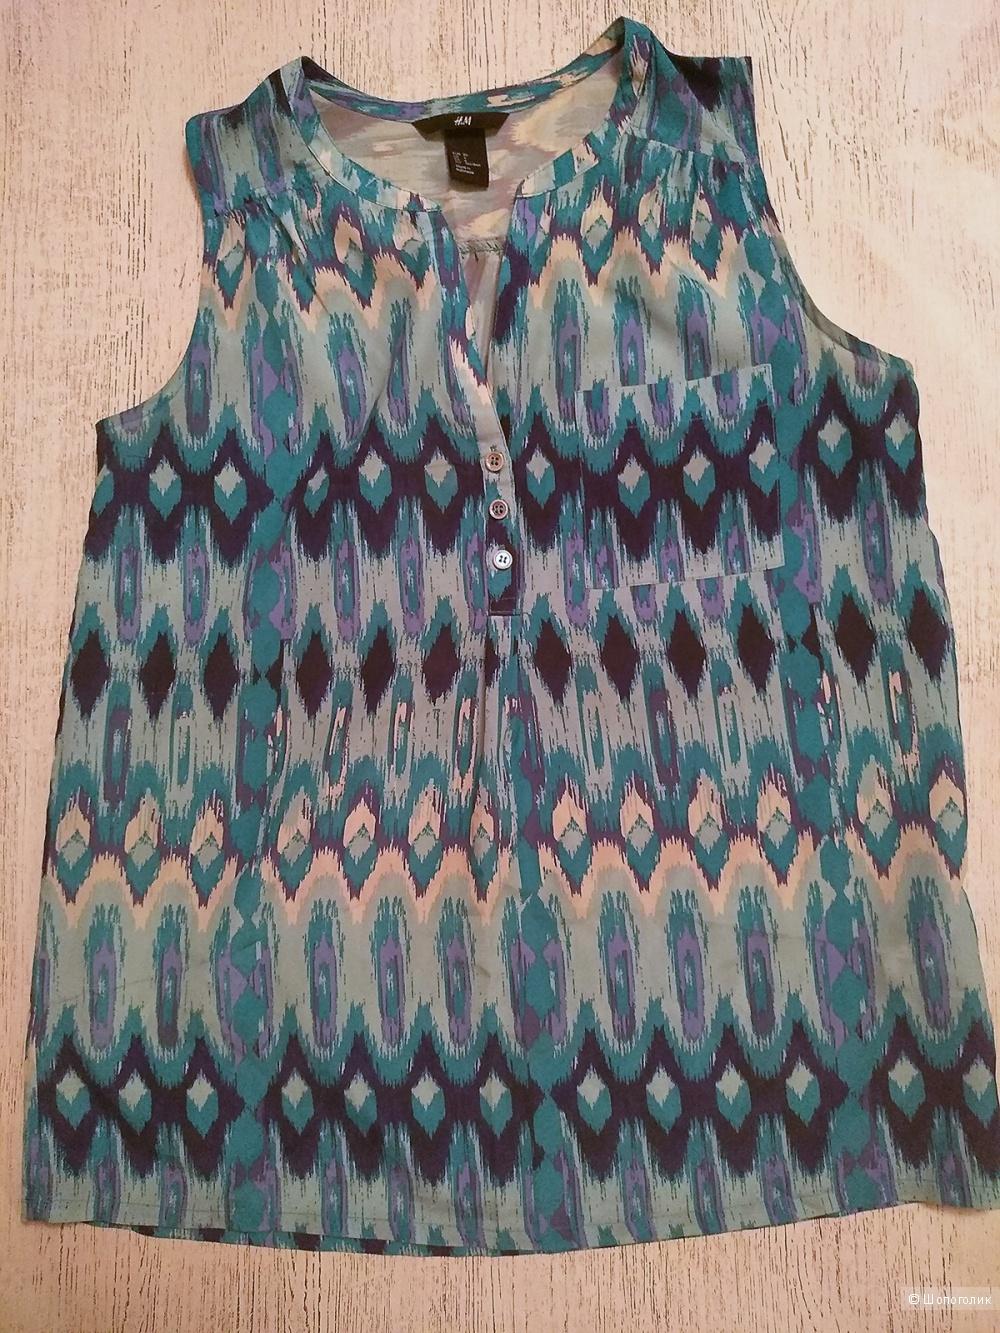 Блуза H&M, 36 размер